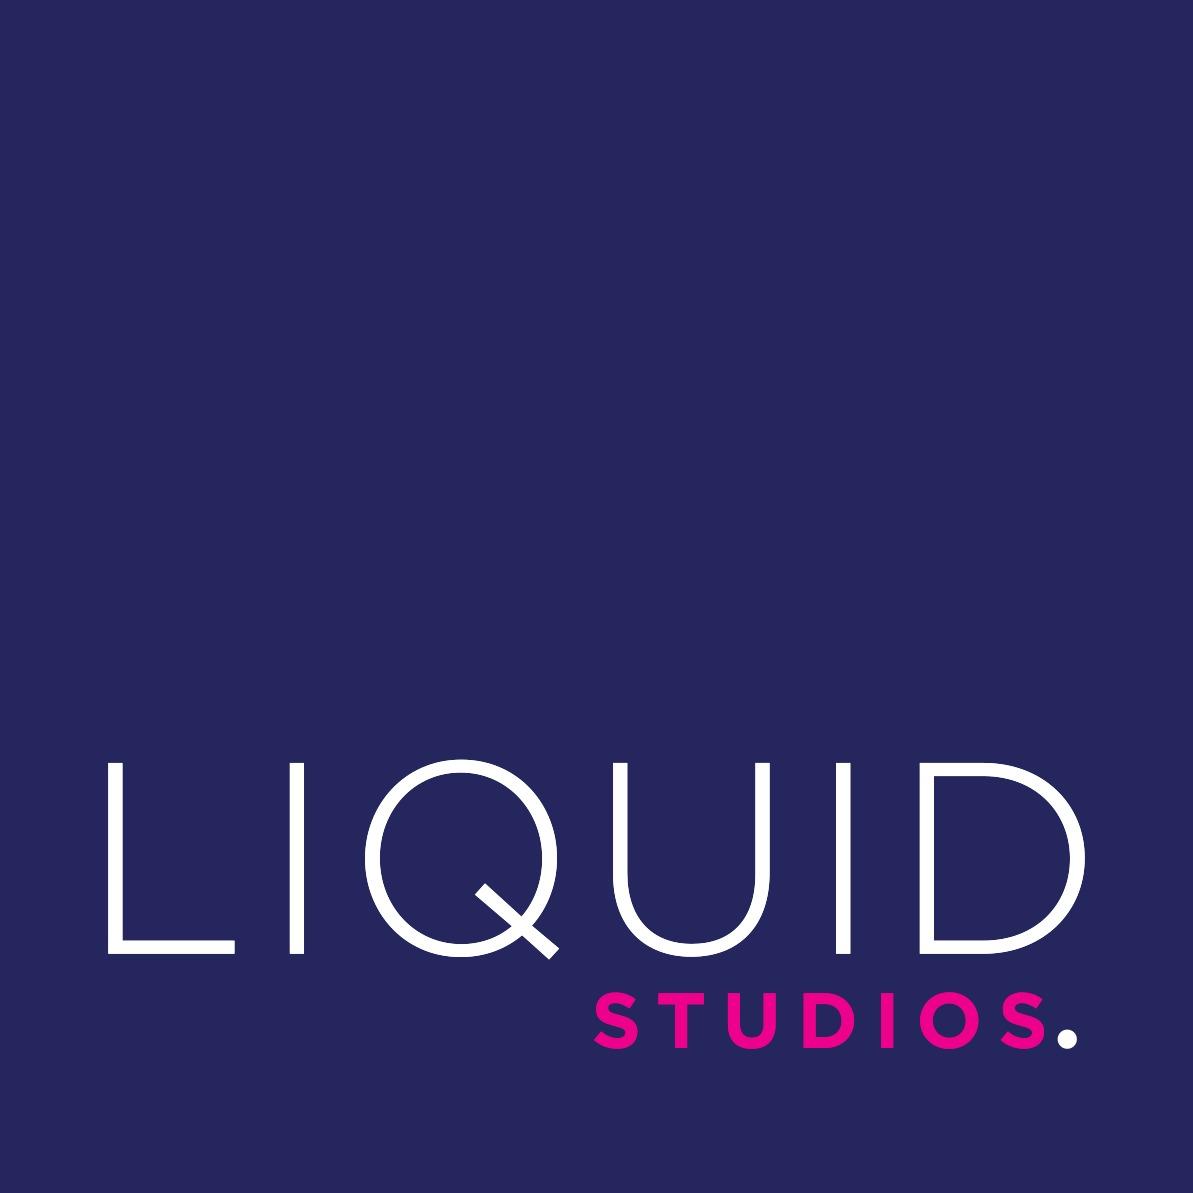 Liquid Studios logo